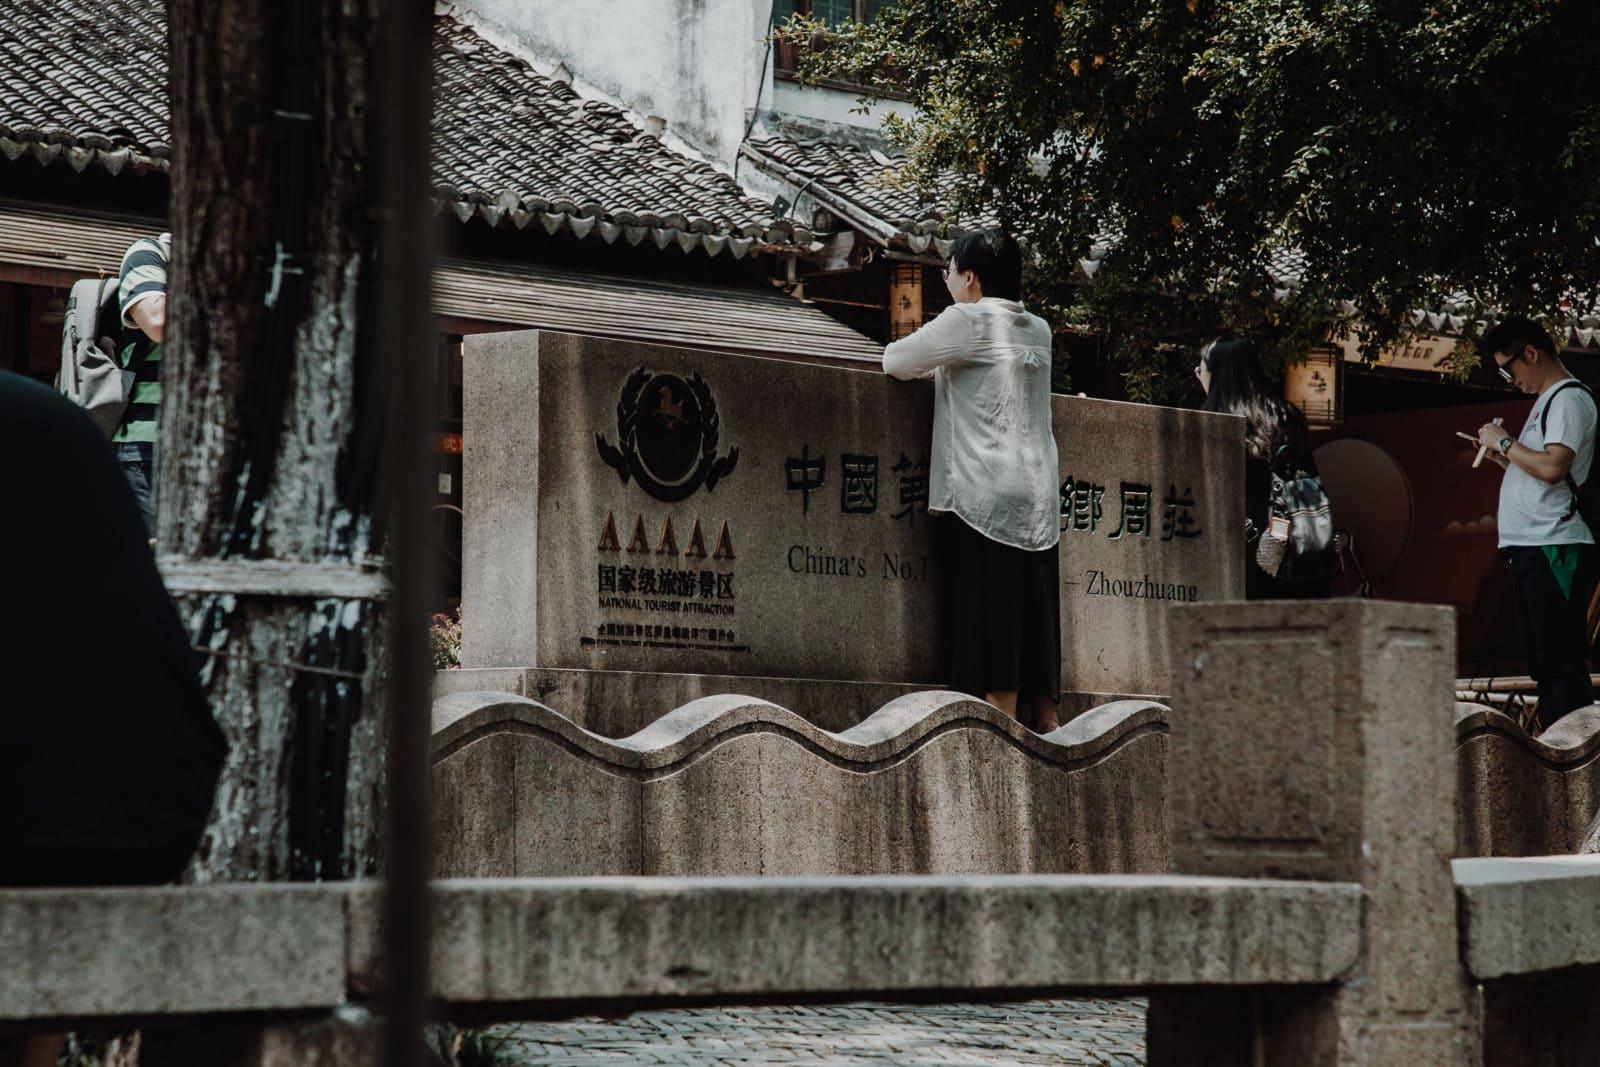 Zhouzhuang China Schluesselbruecke